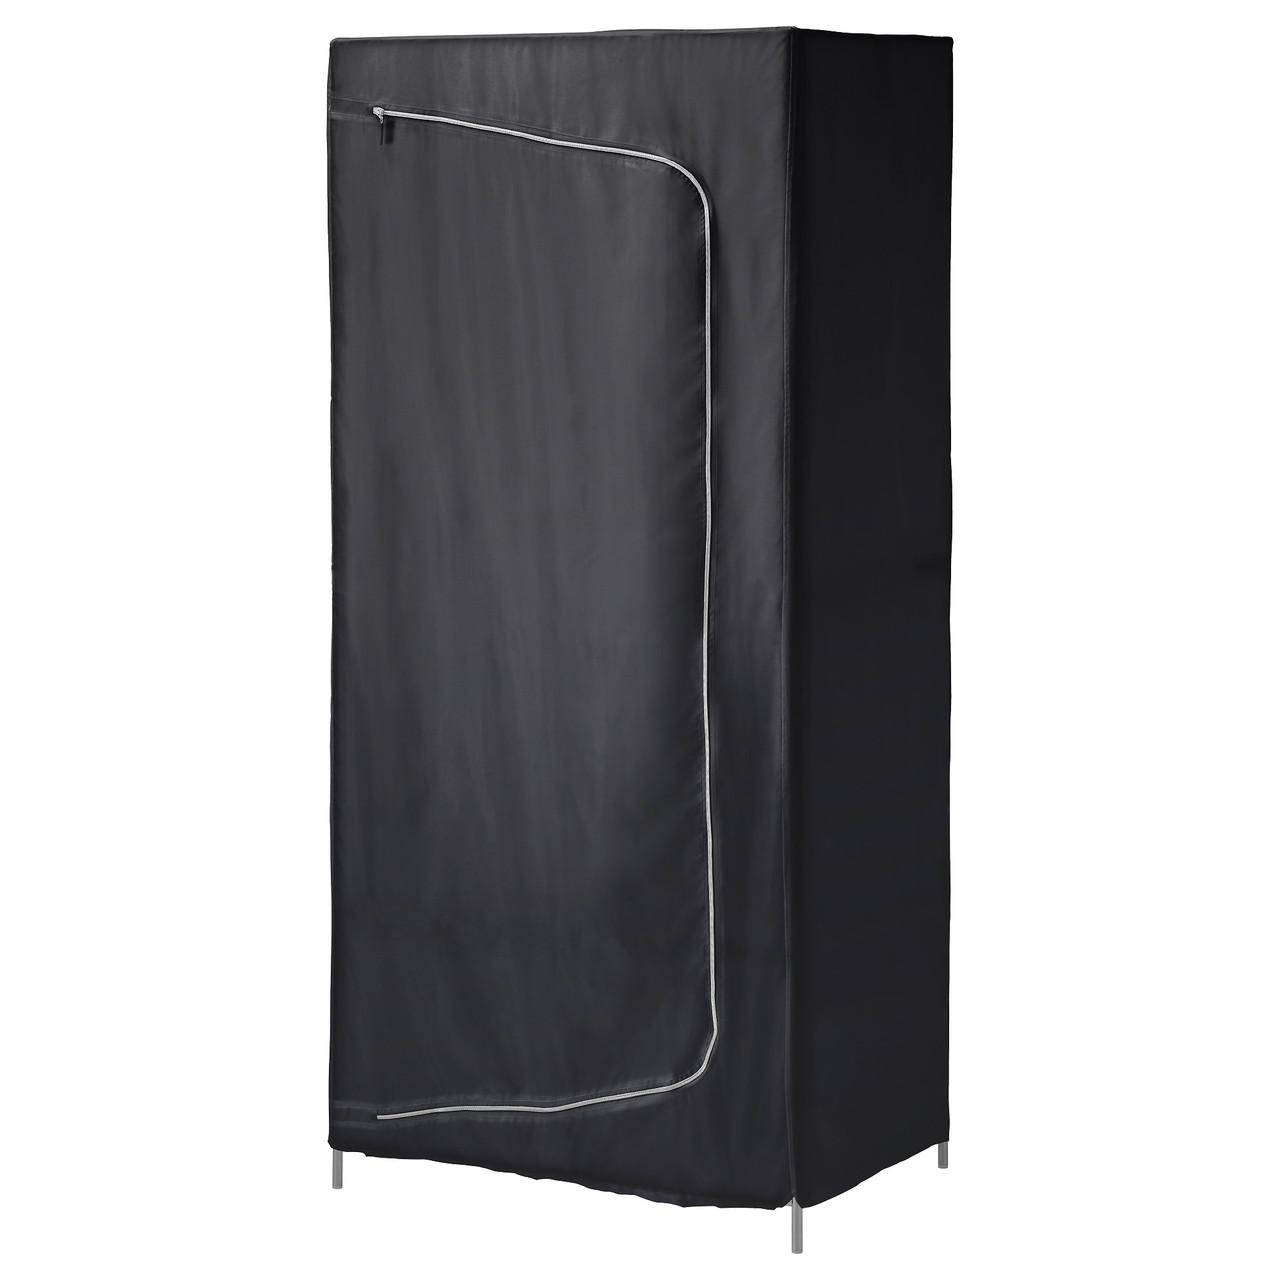 БРЕЙМ Гардероб, черный, 80x55x180 см, 30288953, ИКЕА IKEA, BREIM